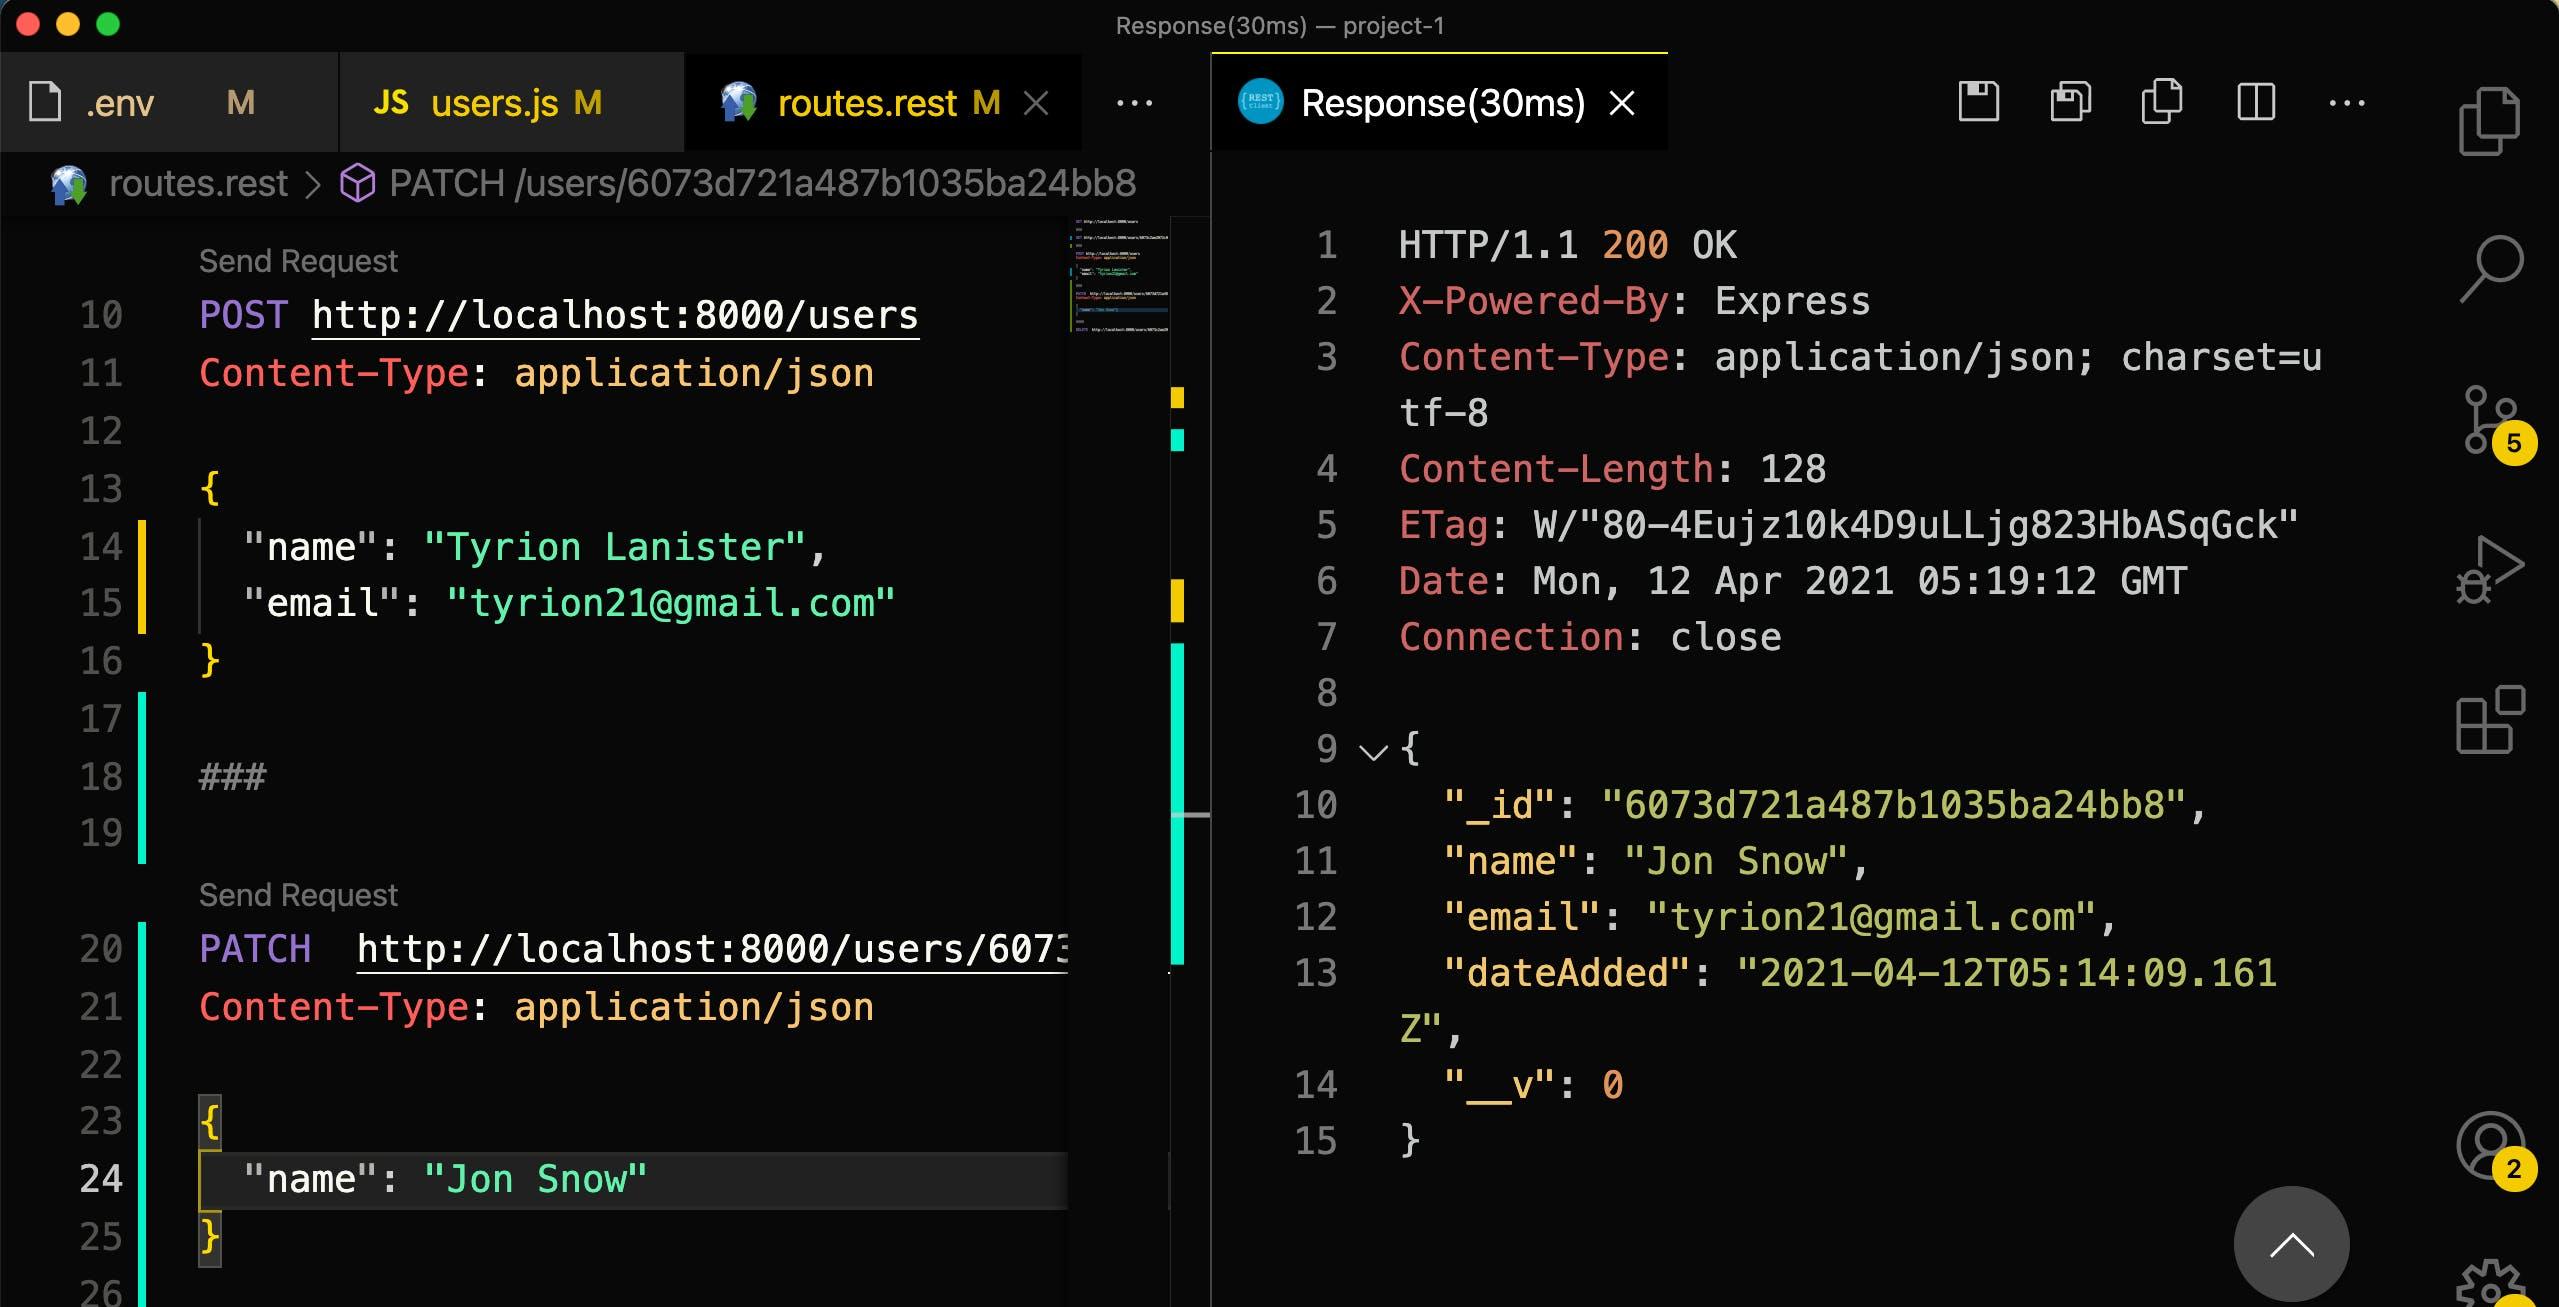 Screenshot 2021-04-12 at 06.19.18.png